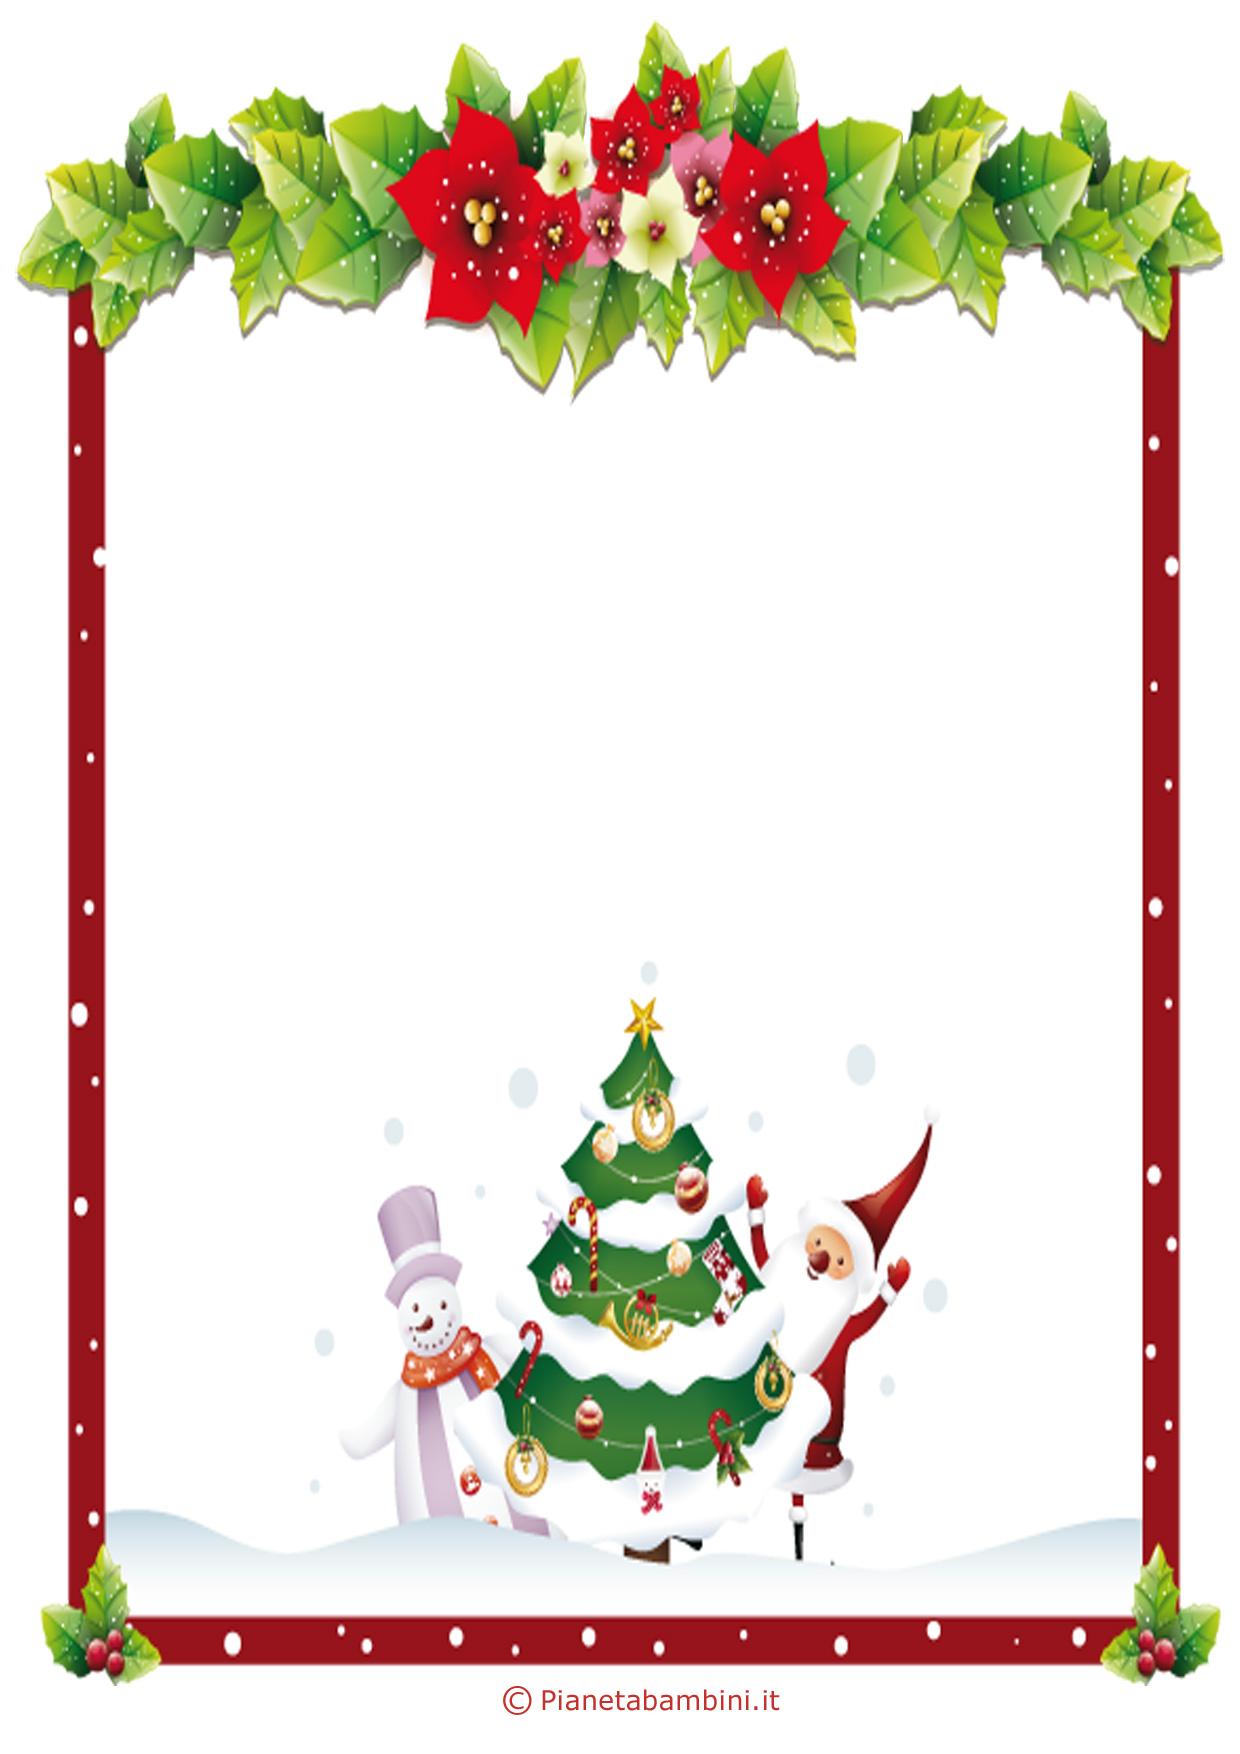 Modelli di lettera a babbo natale da stampare gratis - Babbo natale porta i regali ai bambini ...